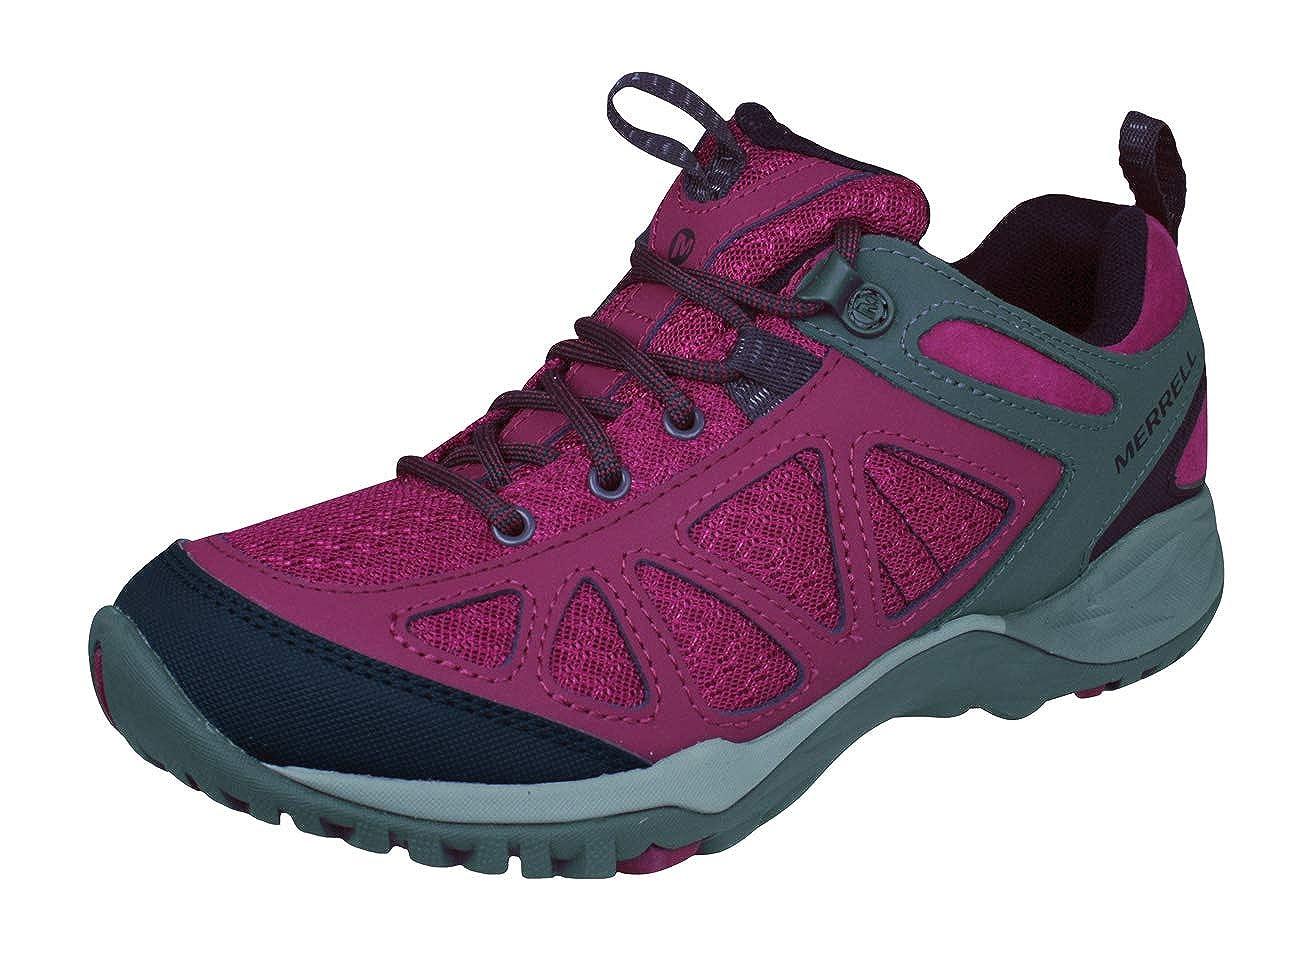 Merrell Siren Sports Q2, Chaussures de Randonnée Basses Femme